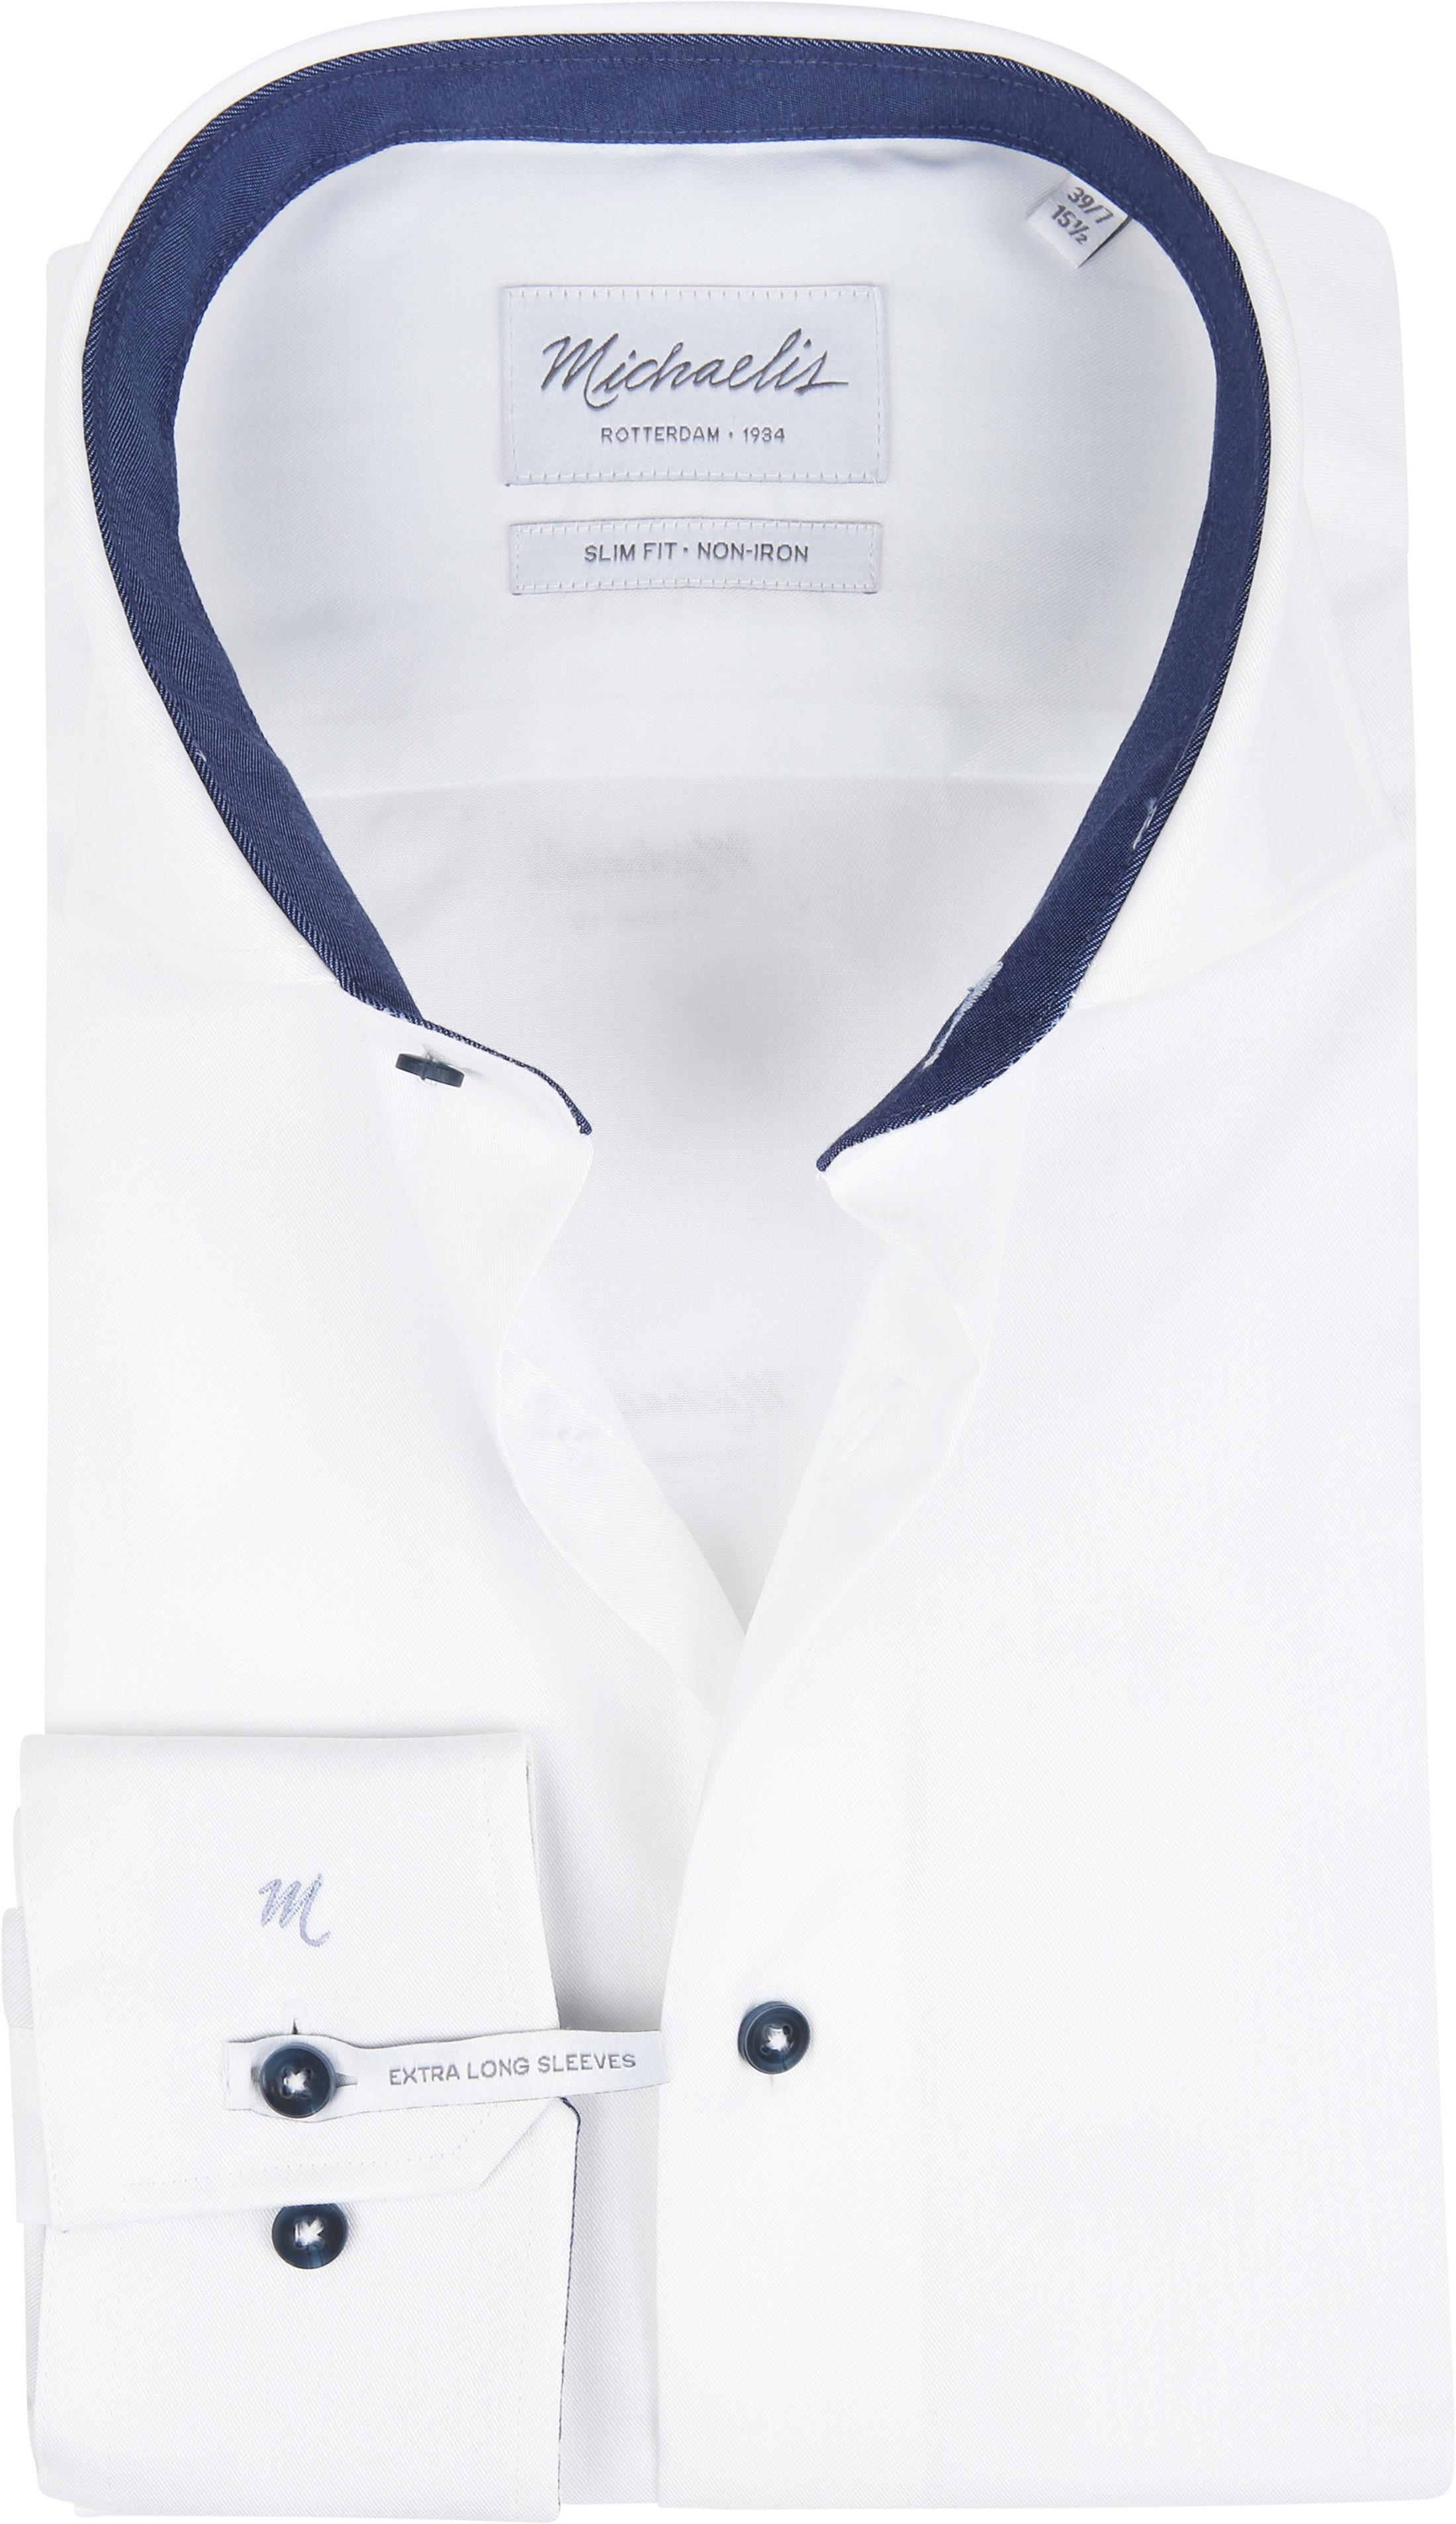 Michaelis Shirt White Non Iron SL7 foto 0